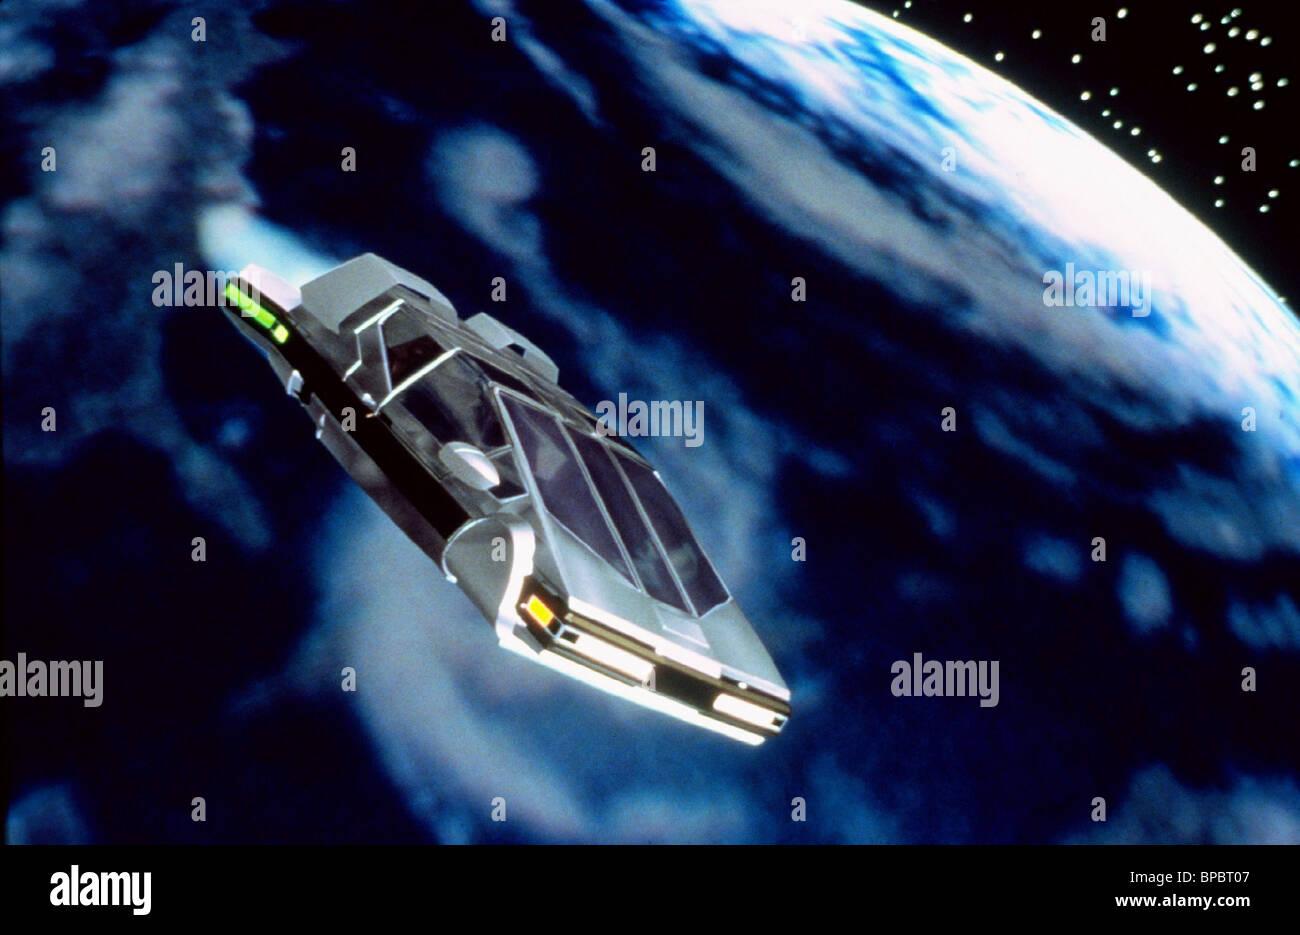 spacecraft-the-last-starfighter-1984-BPBT07.jpg